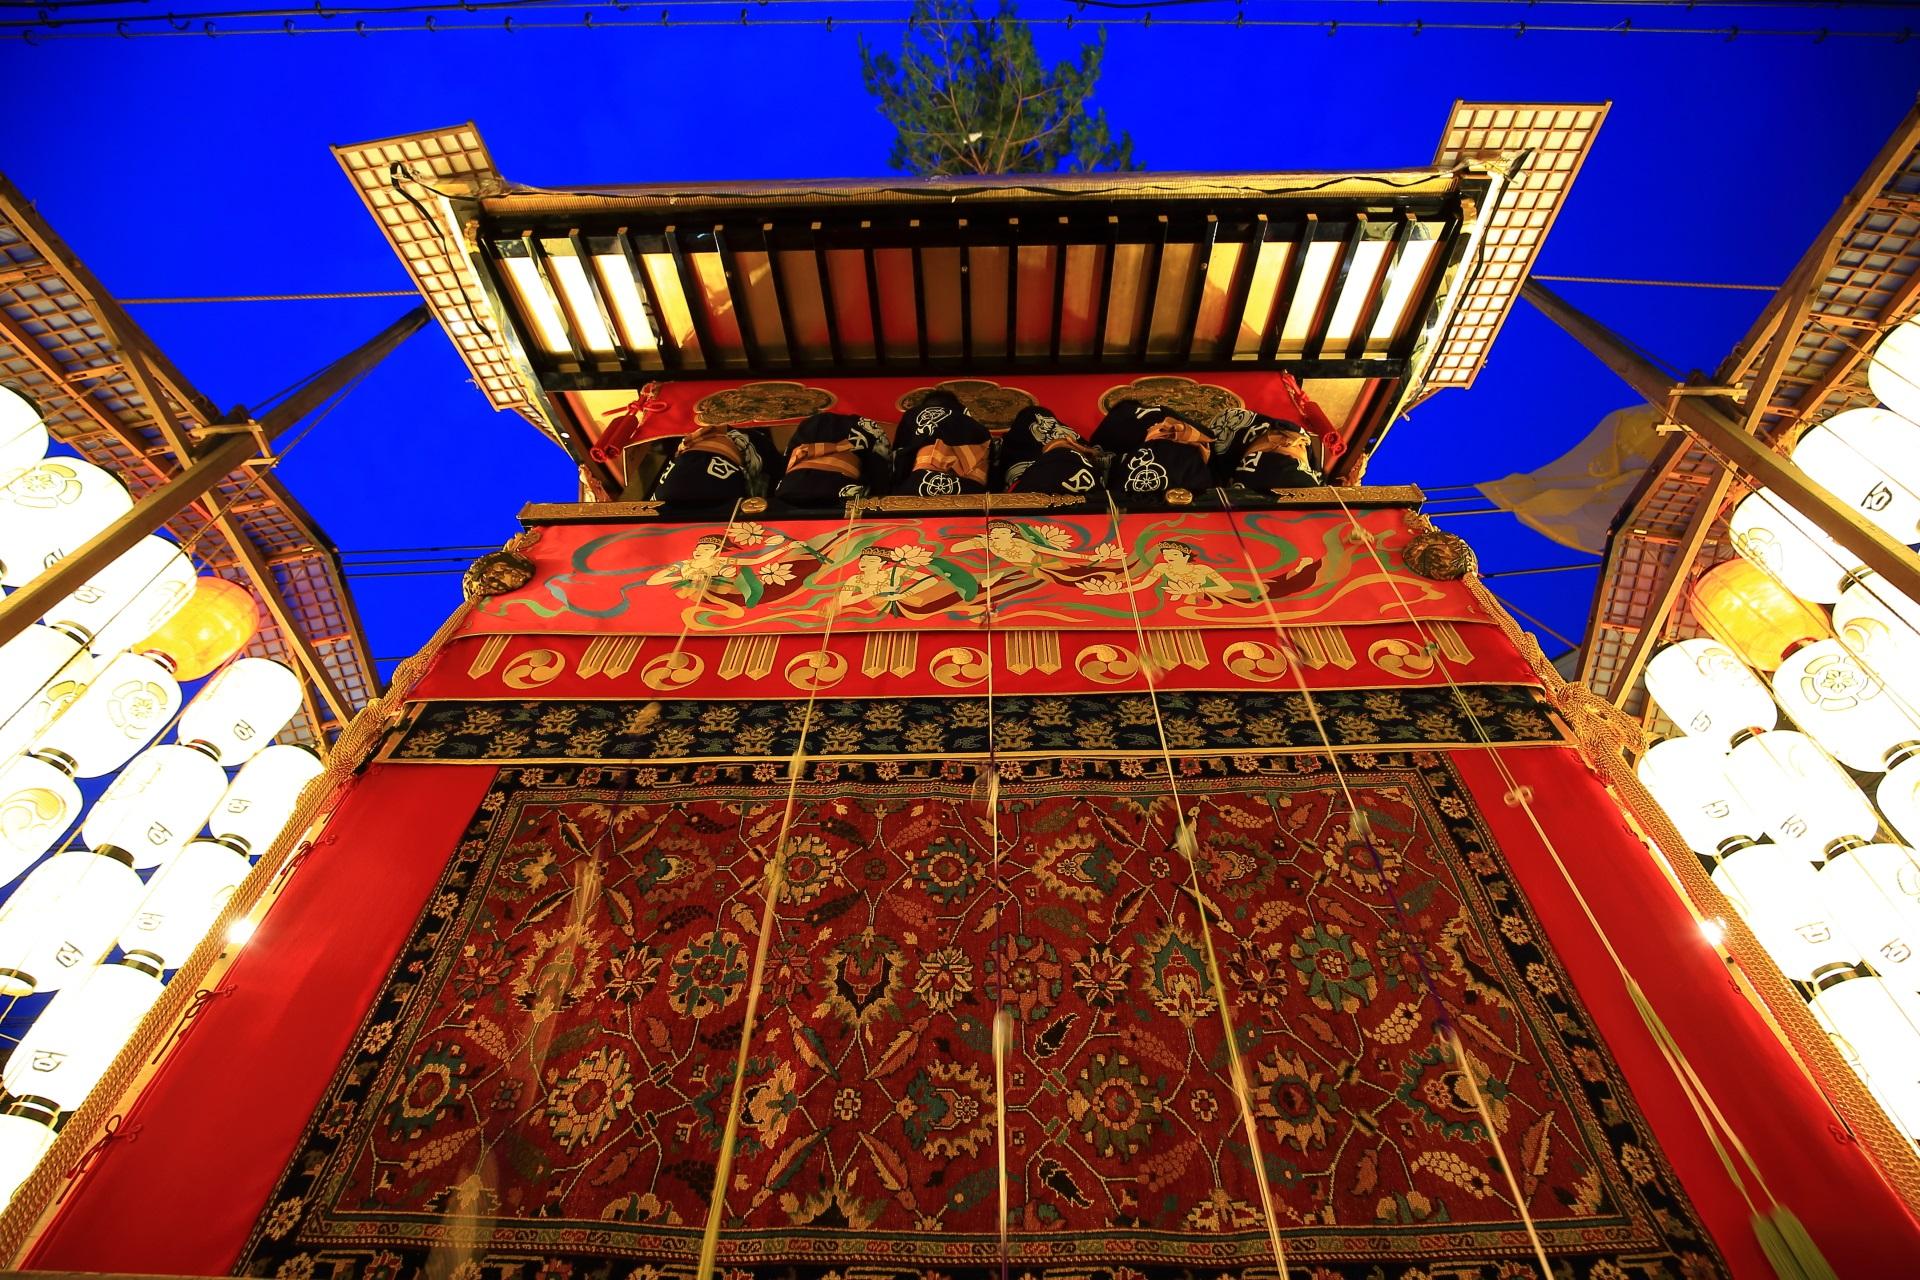 宵山 祇園祭の後祭 夏の夜の風情ある山鉾